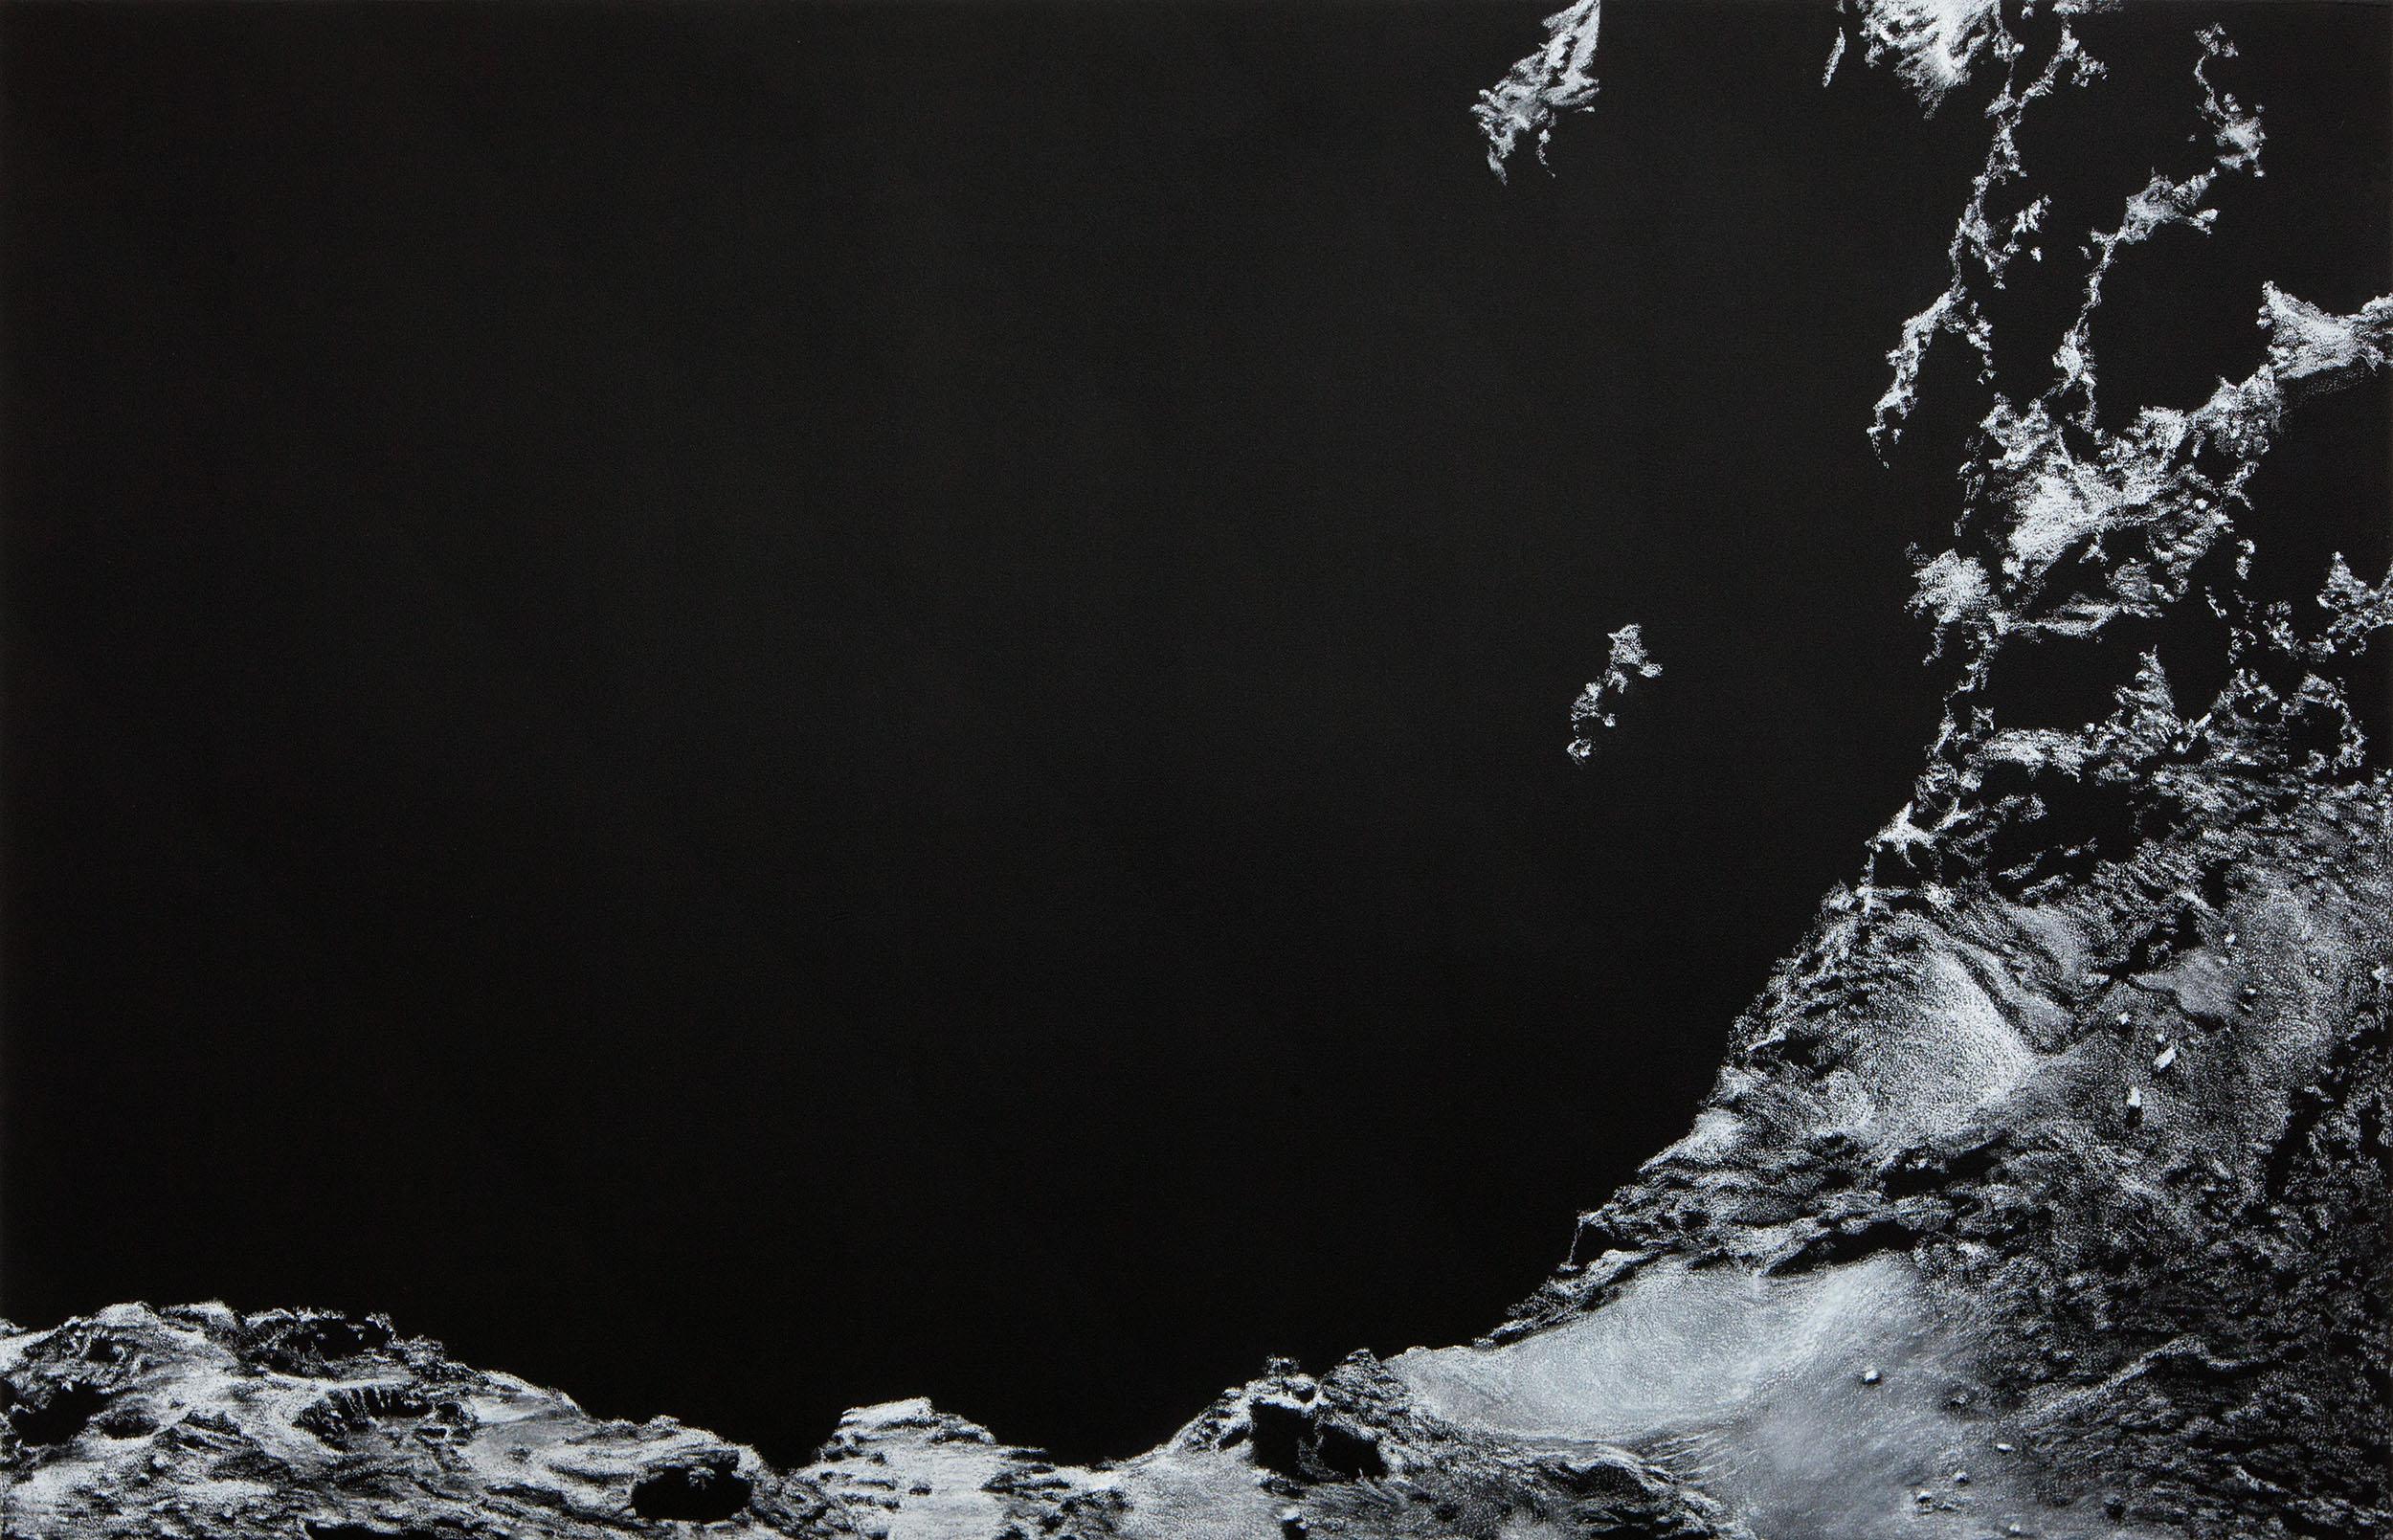 Comet 67P on 18 October 2014